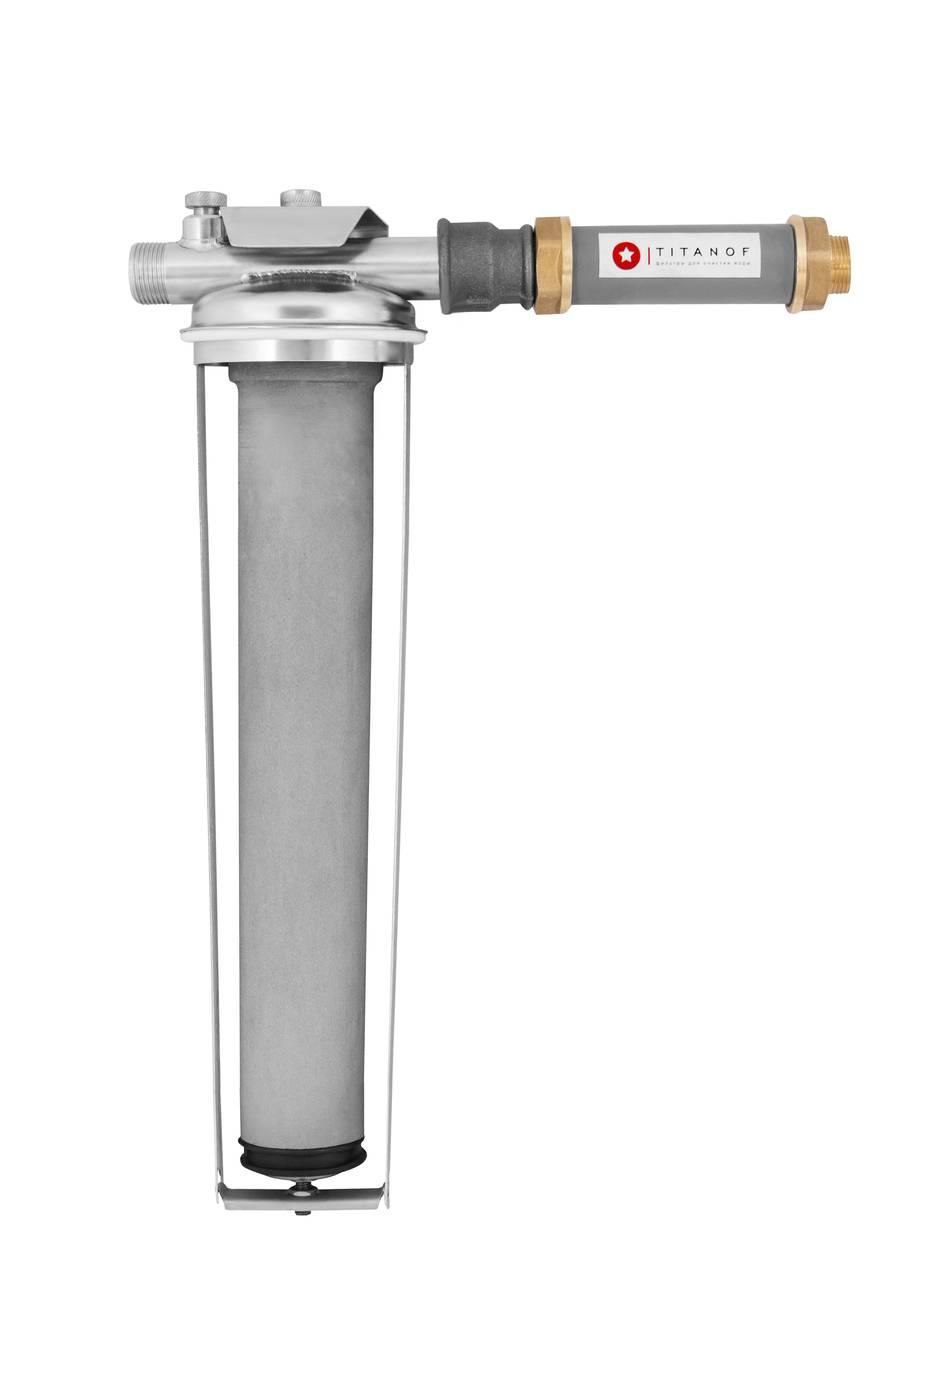 Титановый фильтр для воды: миф или реальность